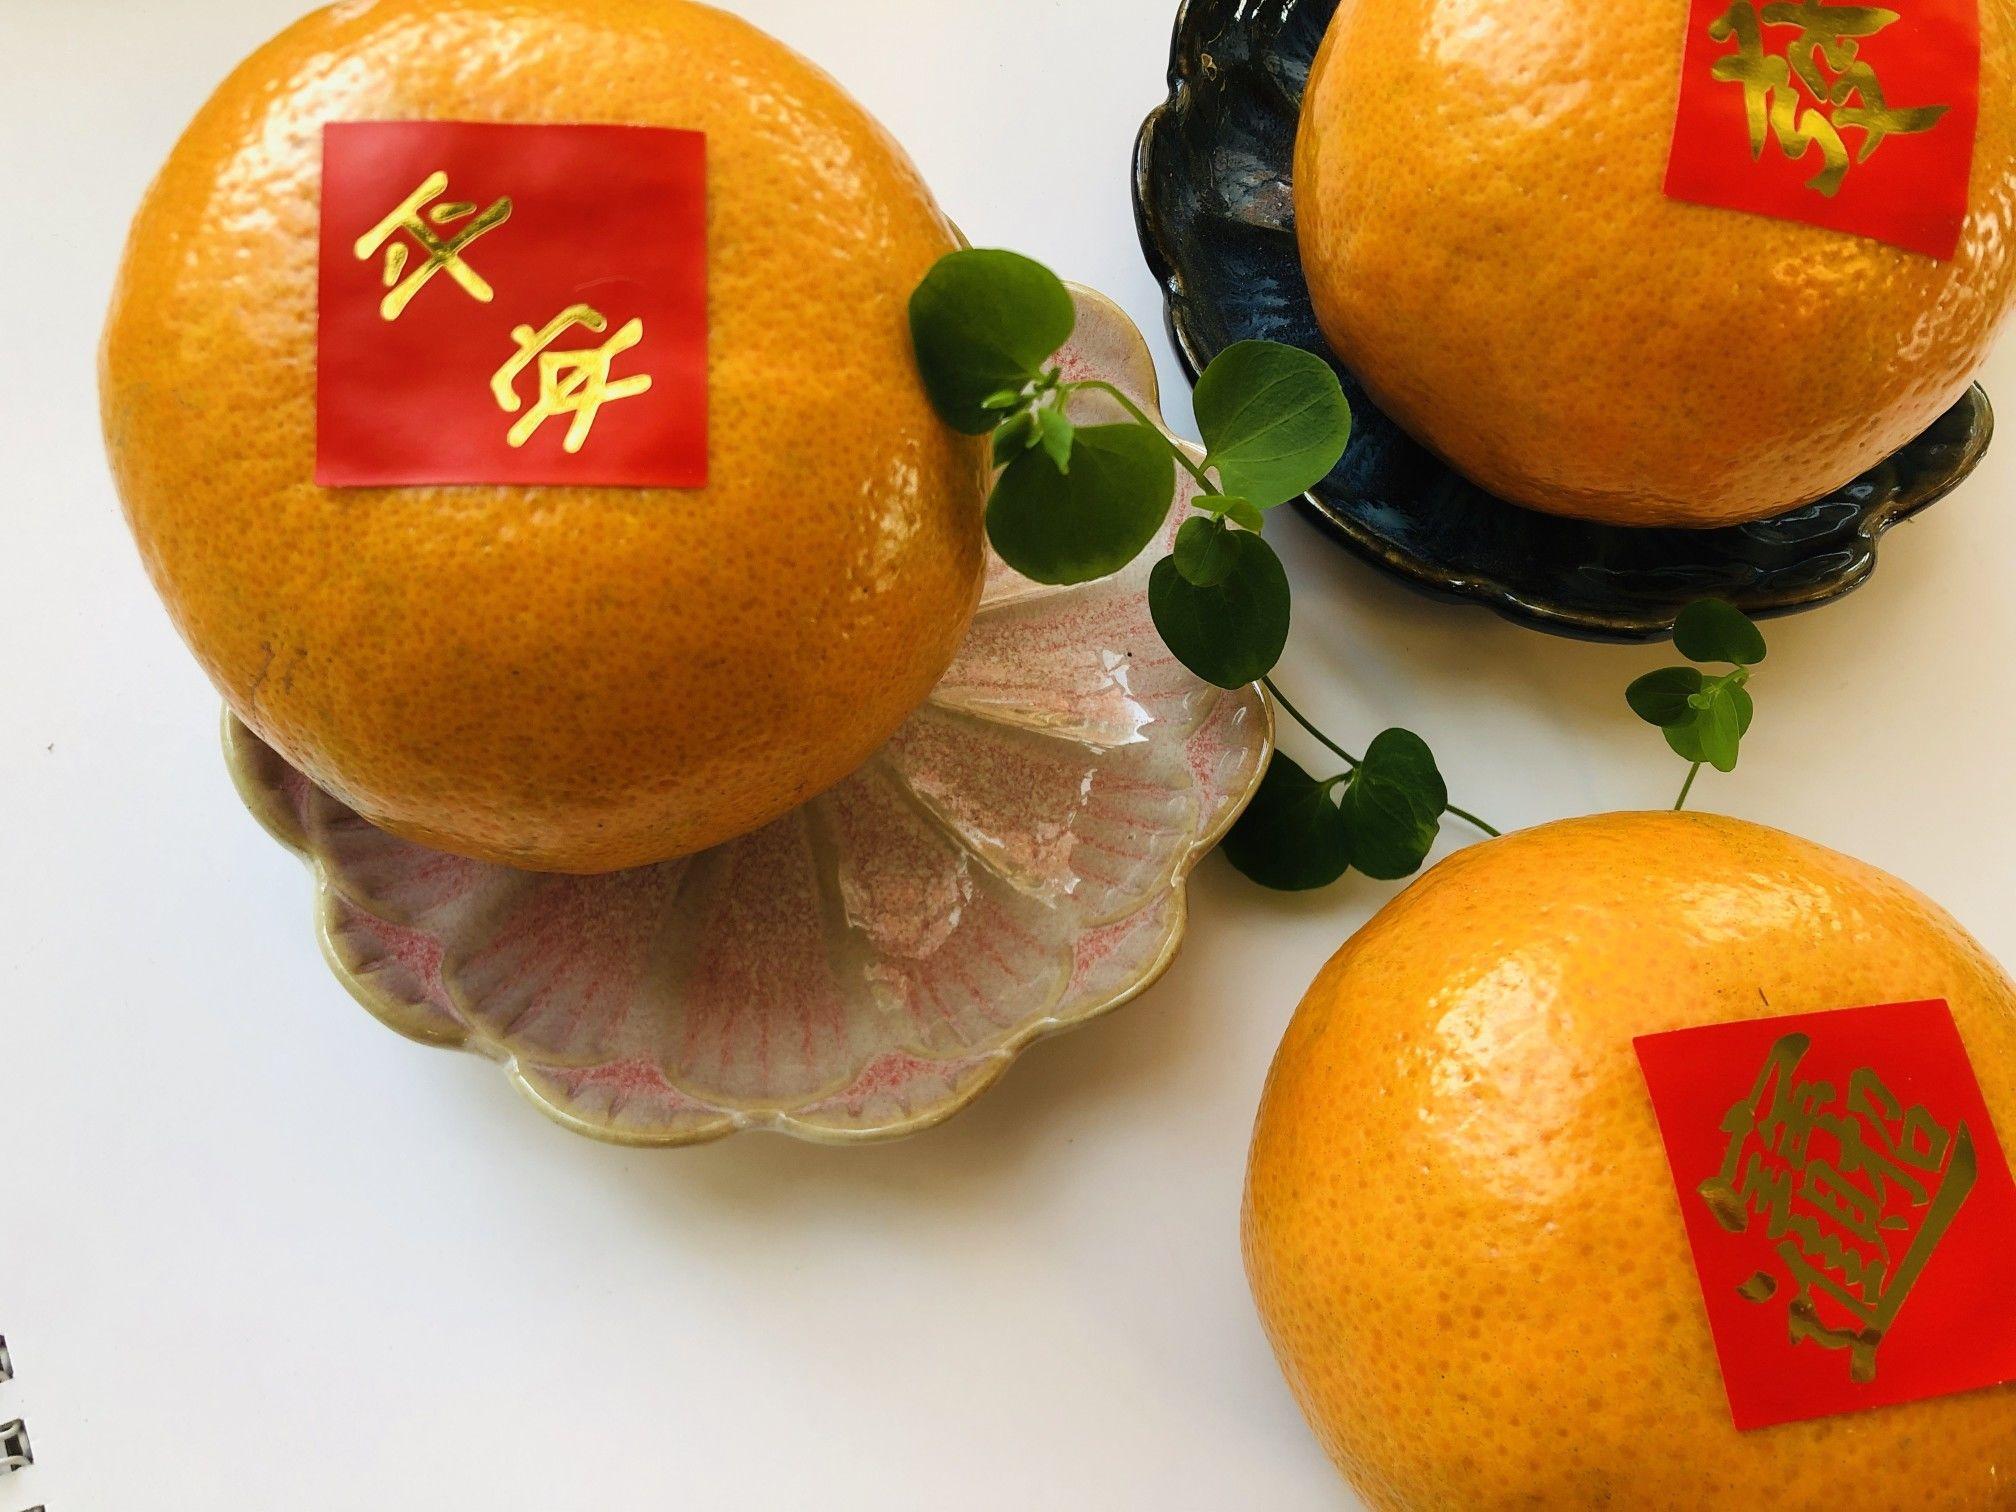 2021新年茂谷柑禮盒賣囉!澄黃圓潤的外觀,酸甜多汁的口感,一直都是國人喜愛送禮的首選,農滎果彩優選的果物,現正450免運優惠中!